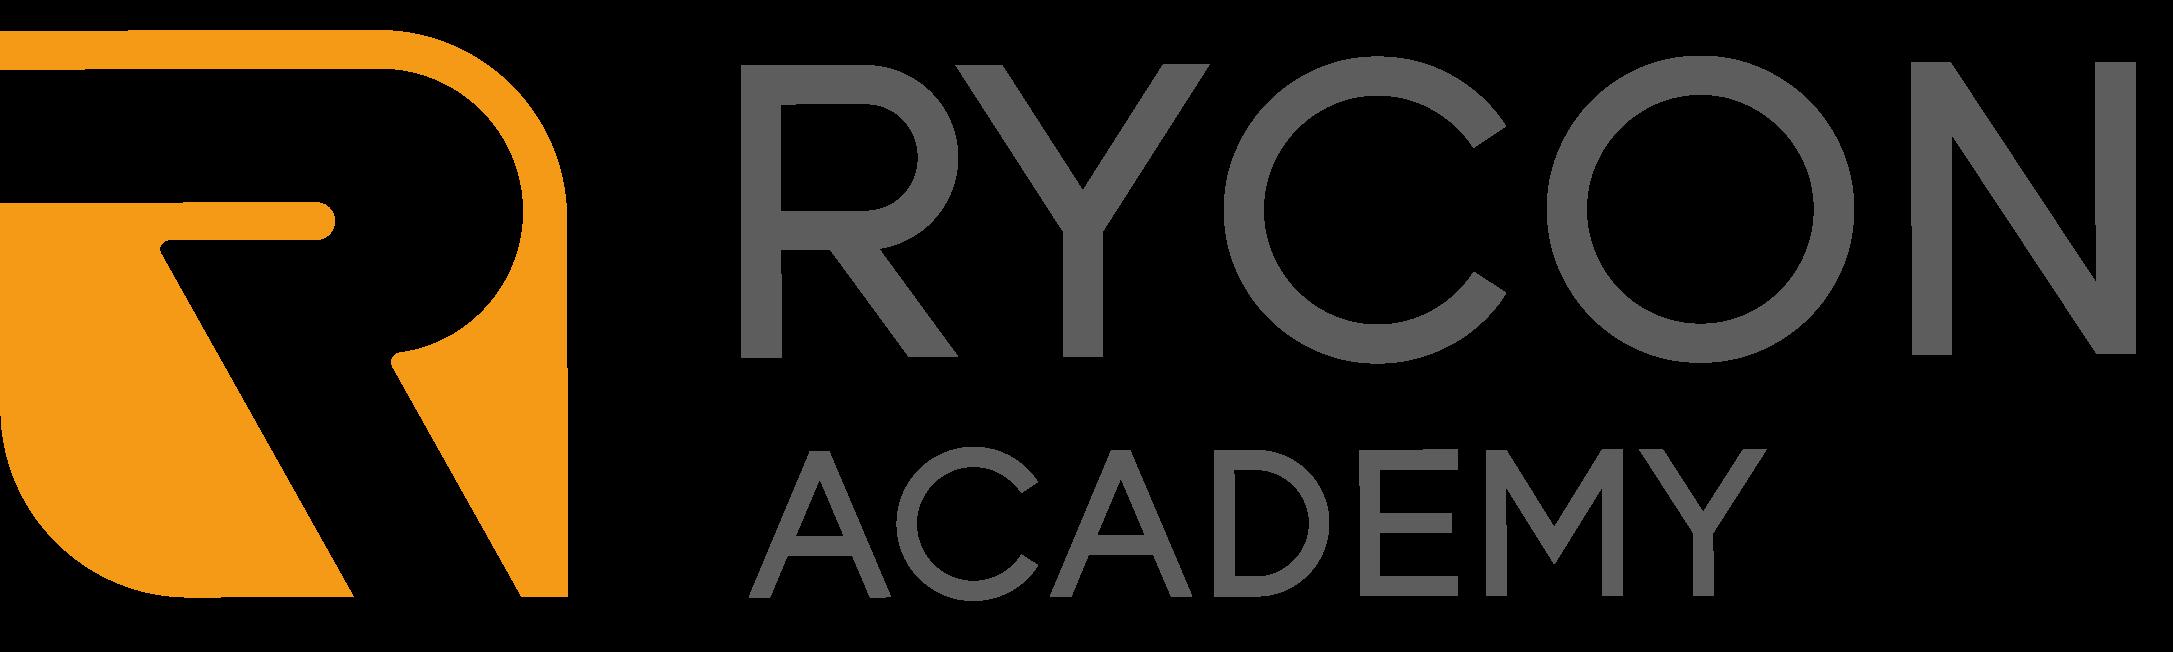 RYCON Academy